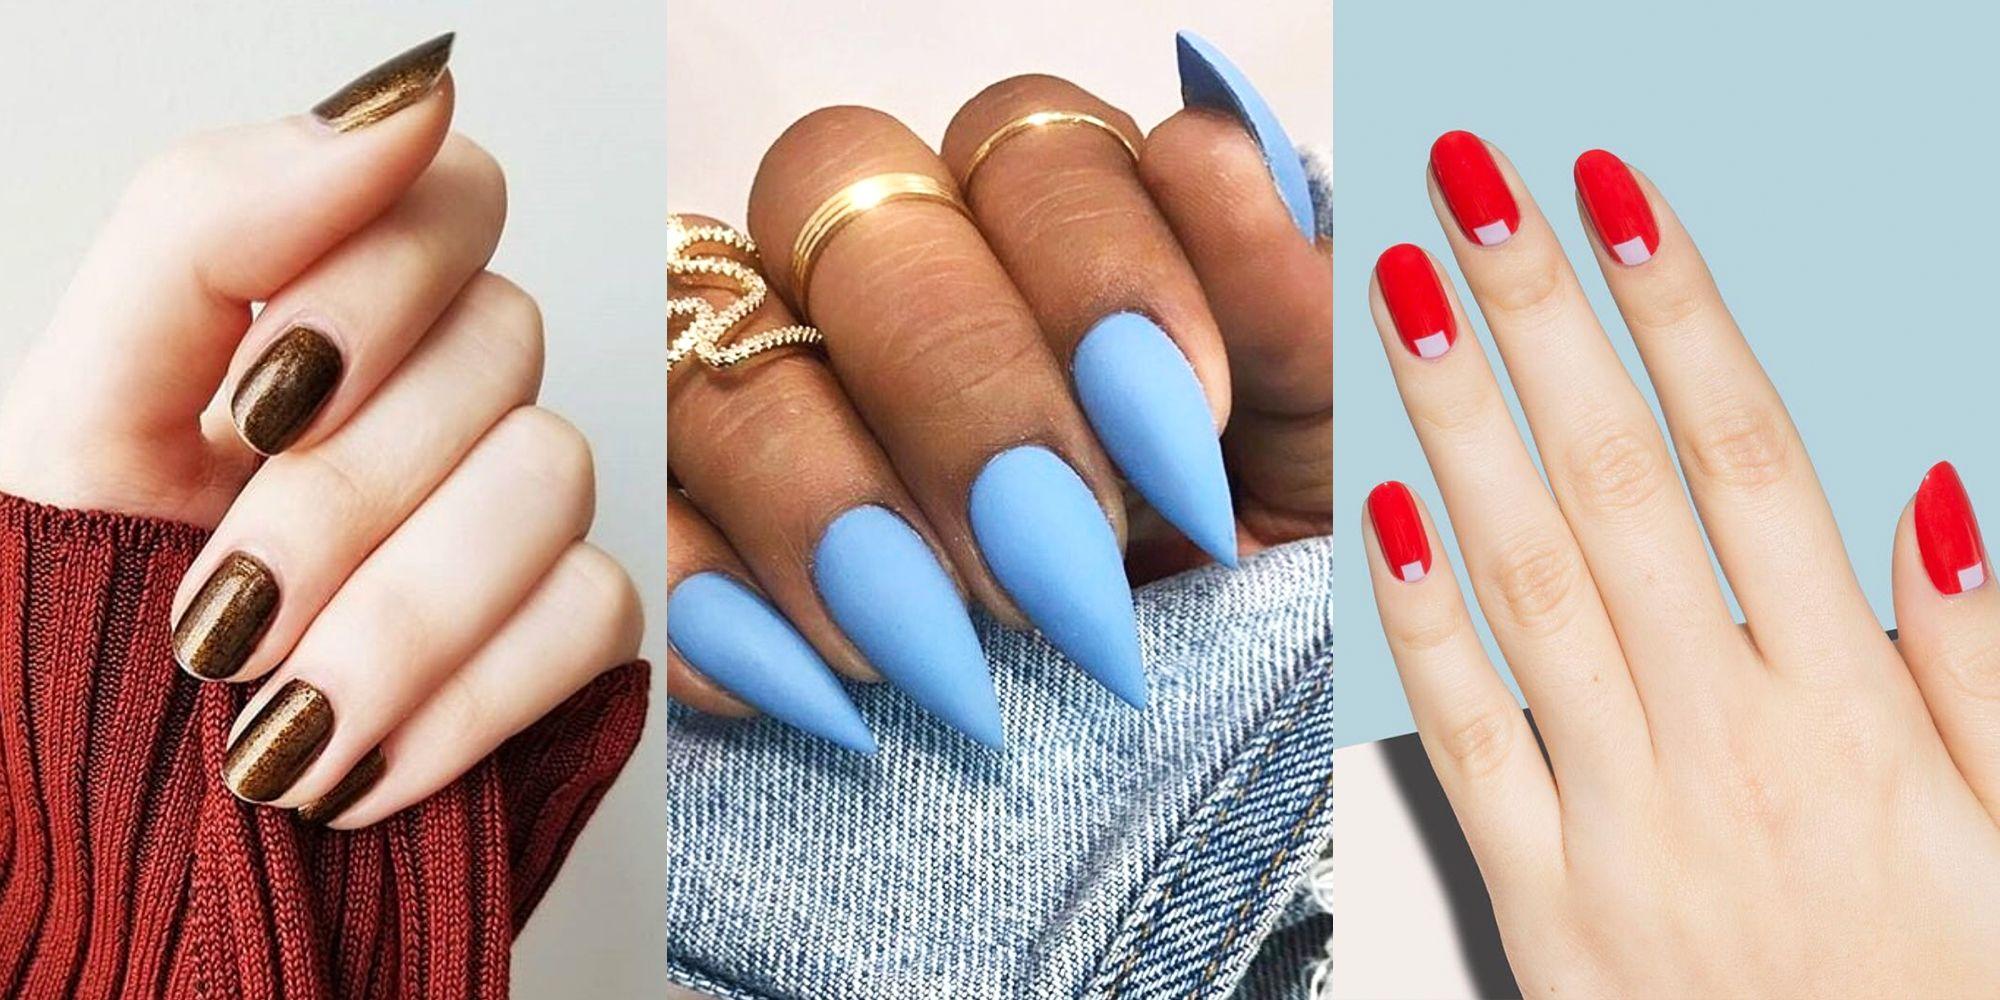 8 nail shapes